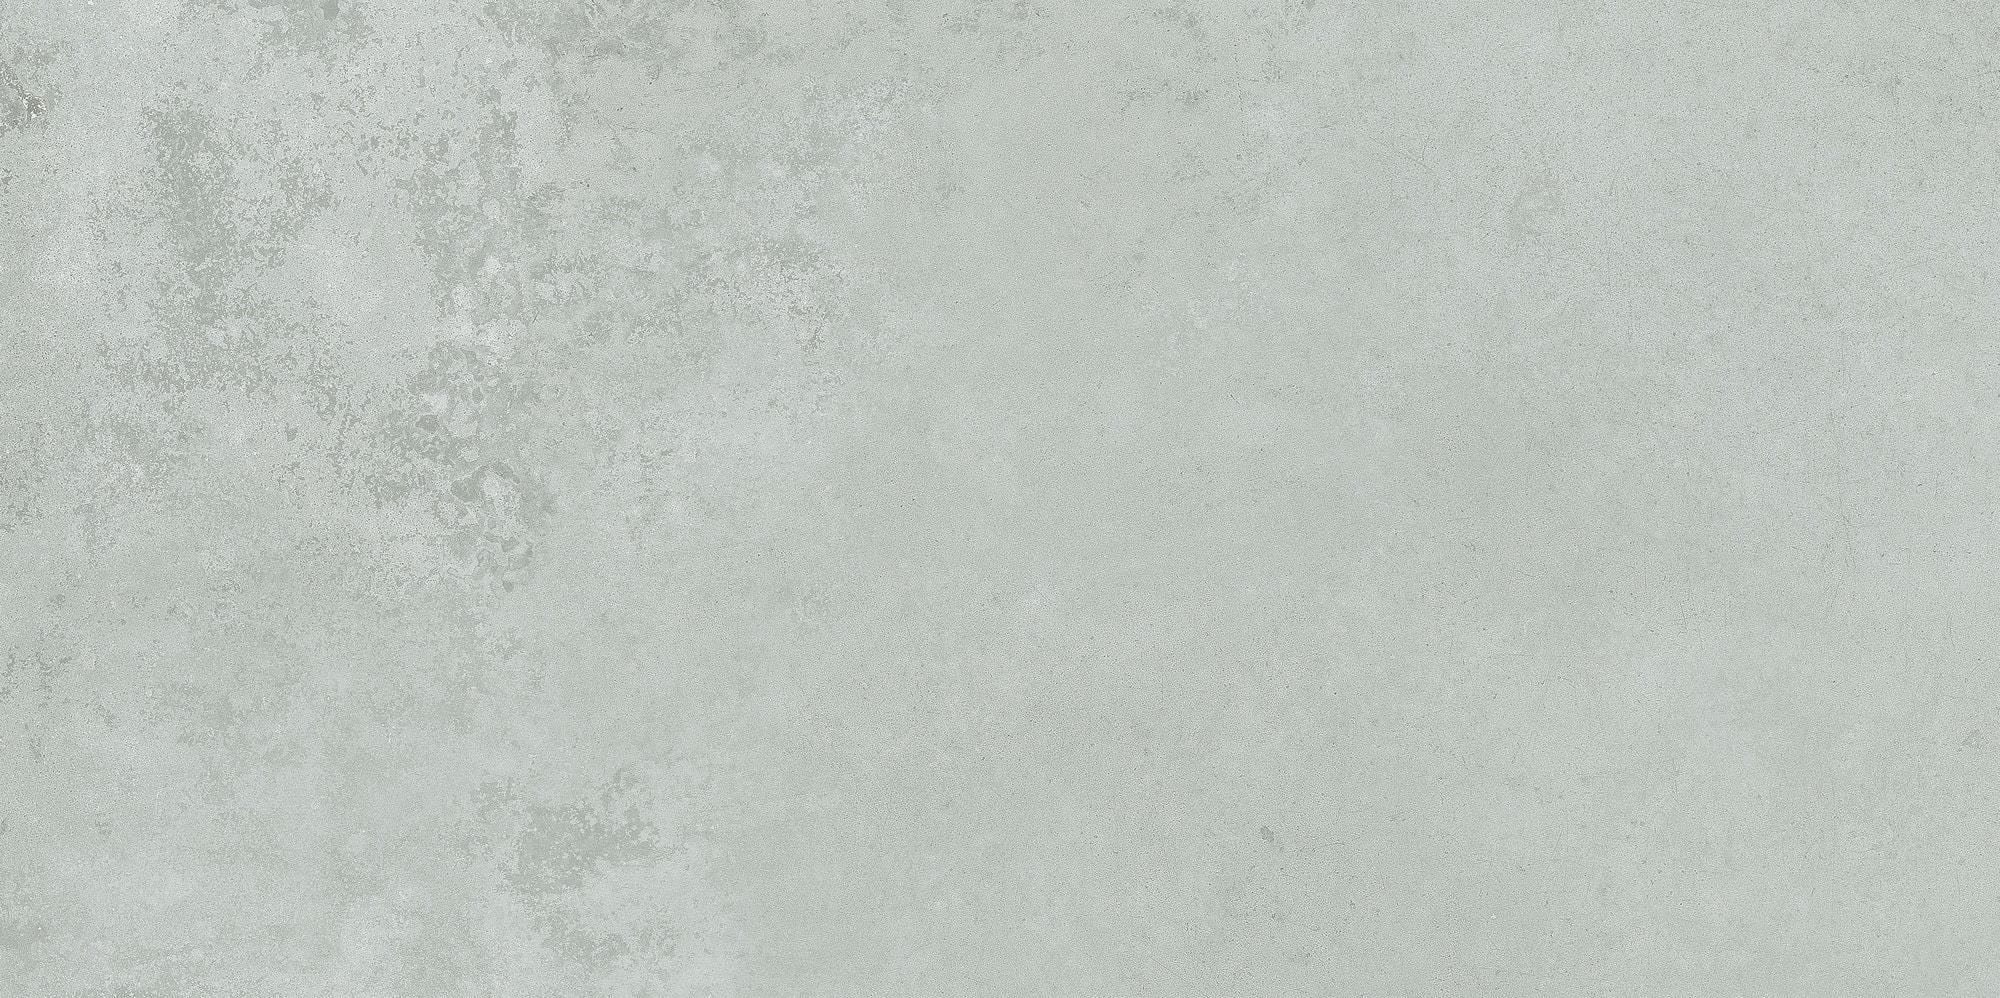 Płytka podłogowa Tubądzin Torano Grey Lappato 59,8x119,8cm tubTorGreLap60x120